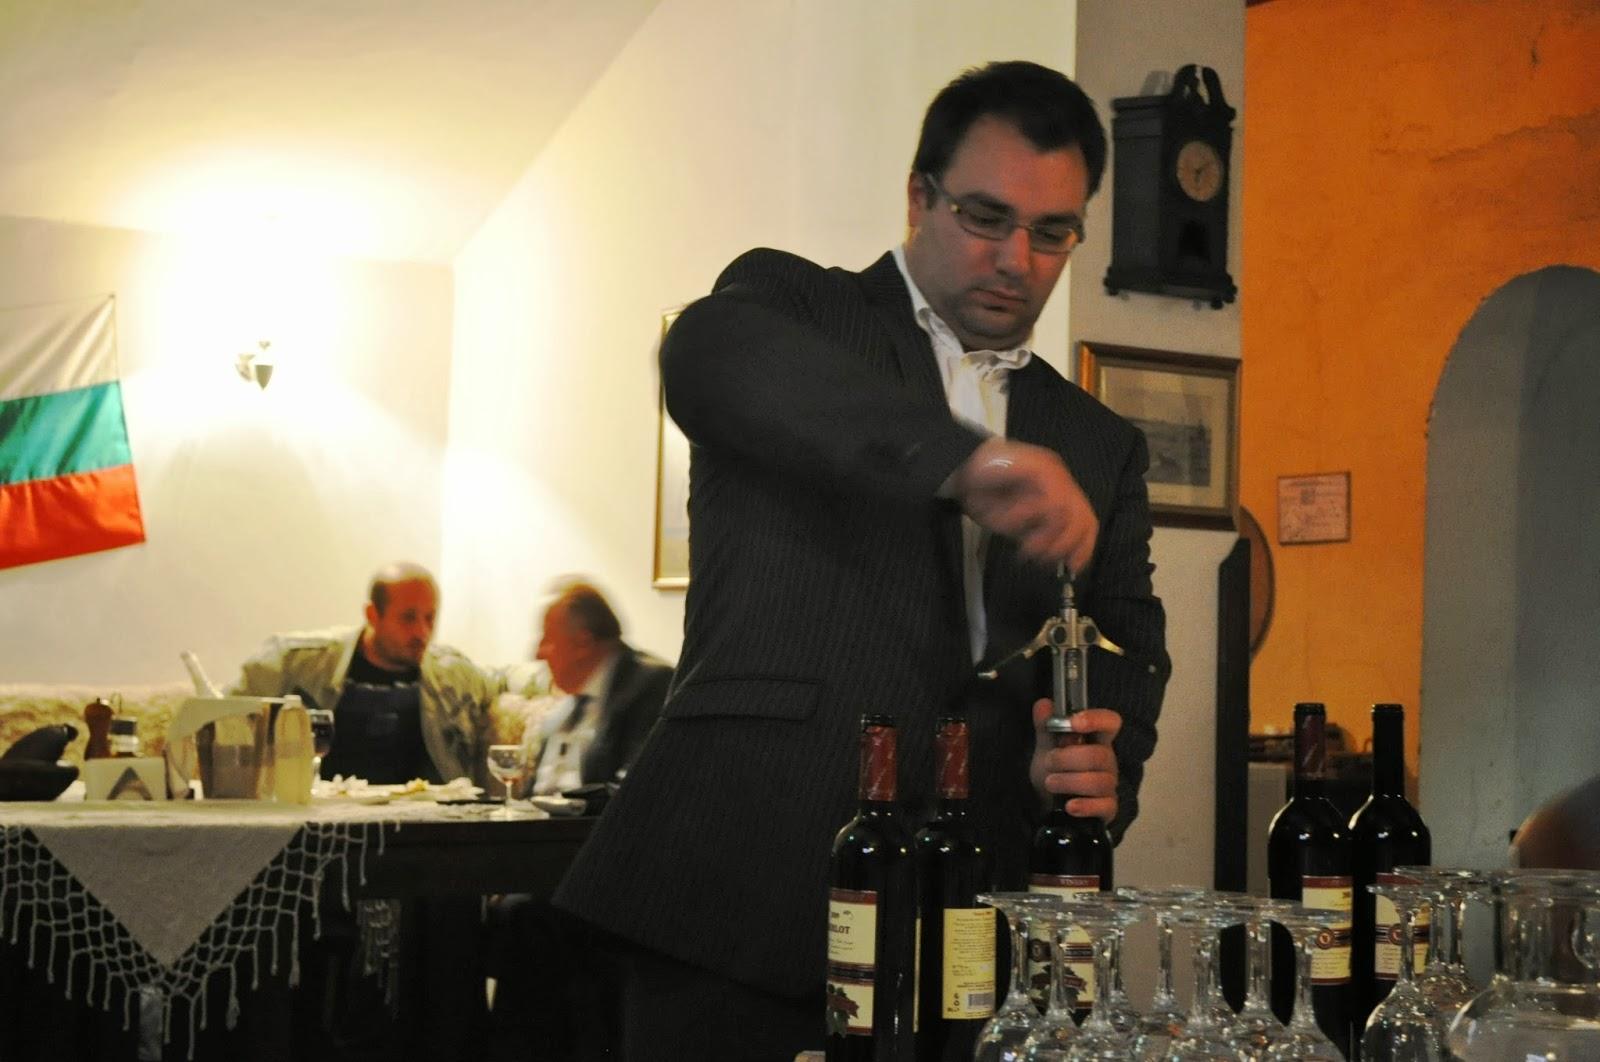 Районът е известен с традициите си във винарството и лозарството. Виното от местния винзавод е пивко, ароматно и …  измамно леко.